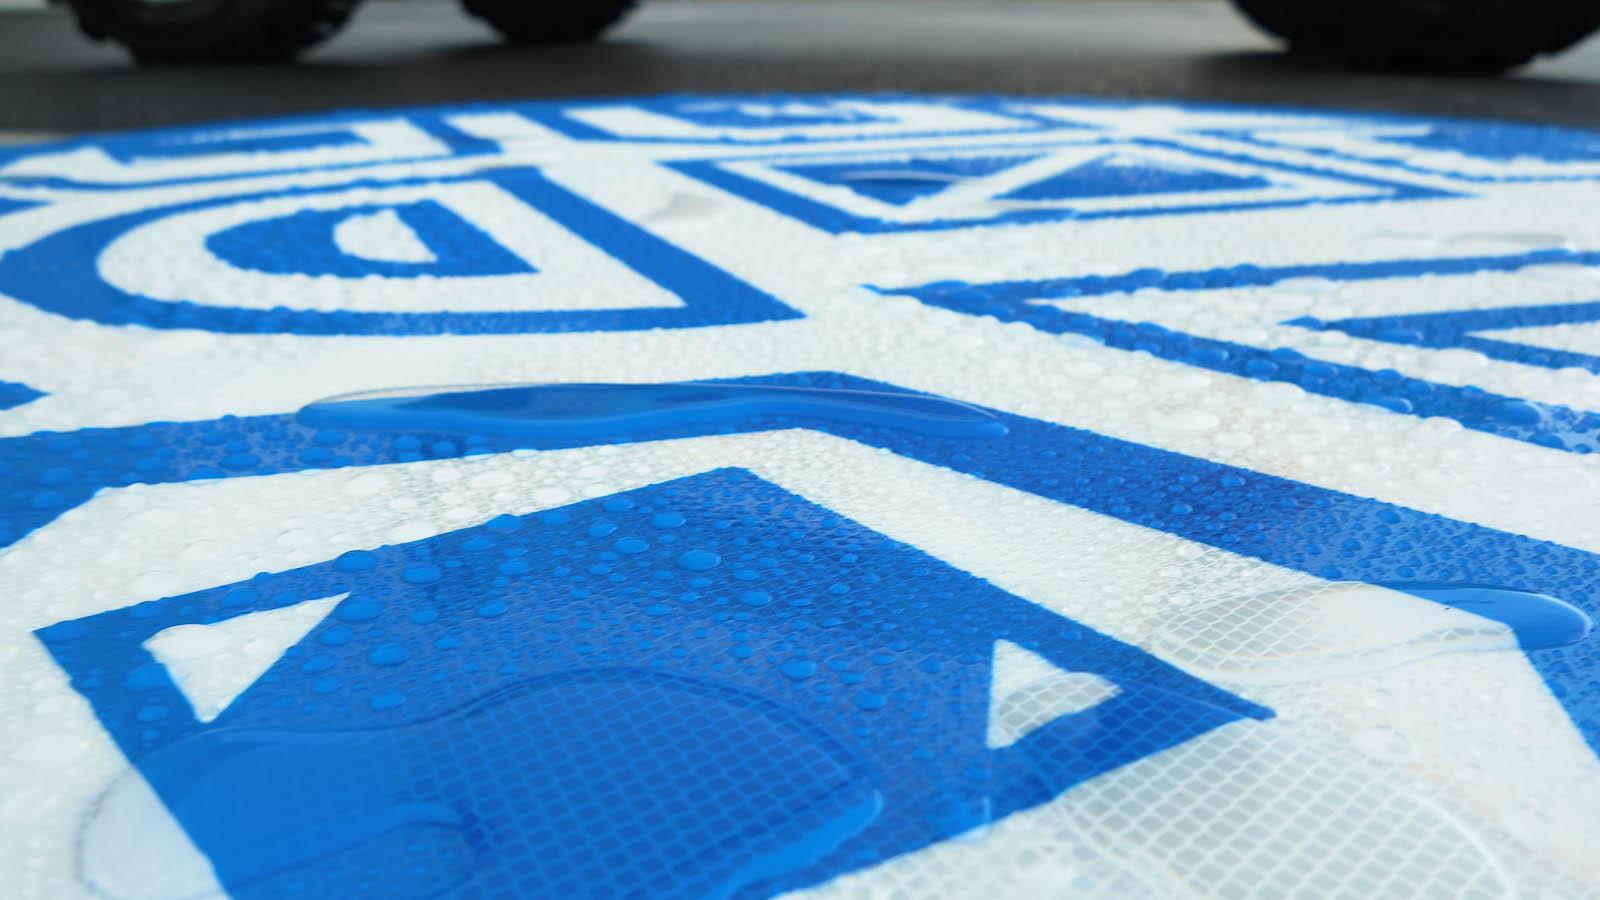 Detalj av regnvåt, blåvit skylt i reflexlaminat. Anton Wiraeus, Vägledare